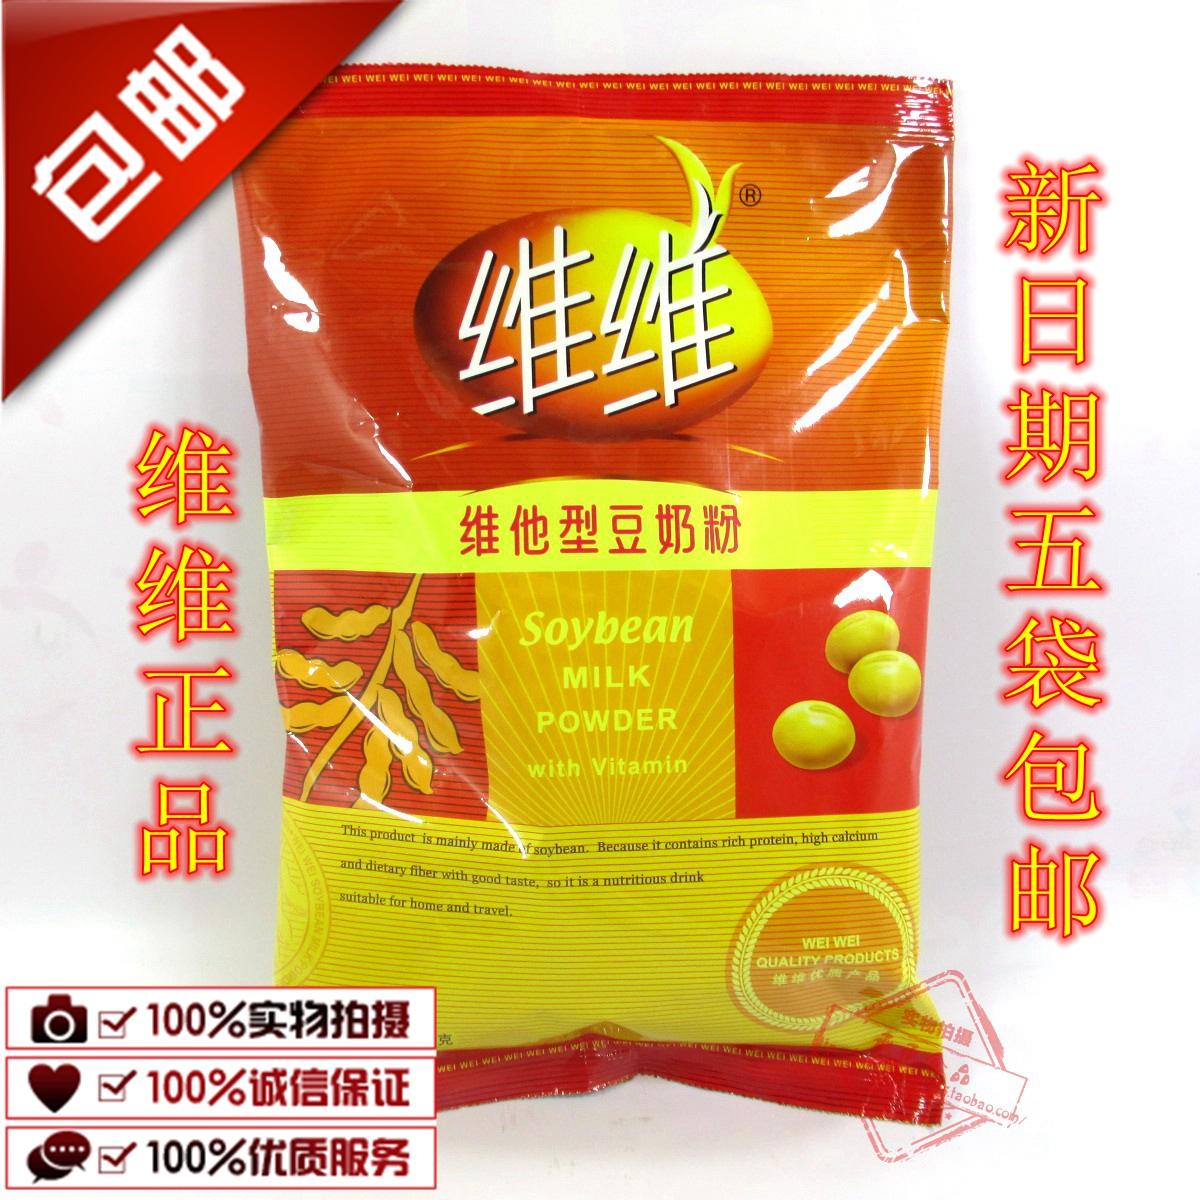 维维豆奶粉 320g豆奶粉速溶蛋白质营养早餐豆粉5袋包邮正品新日期